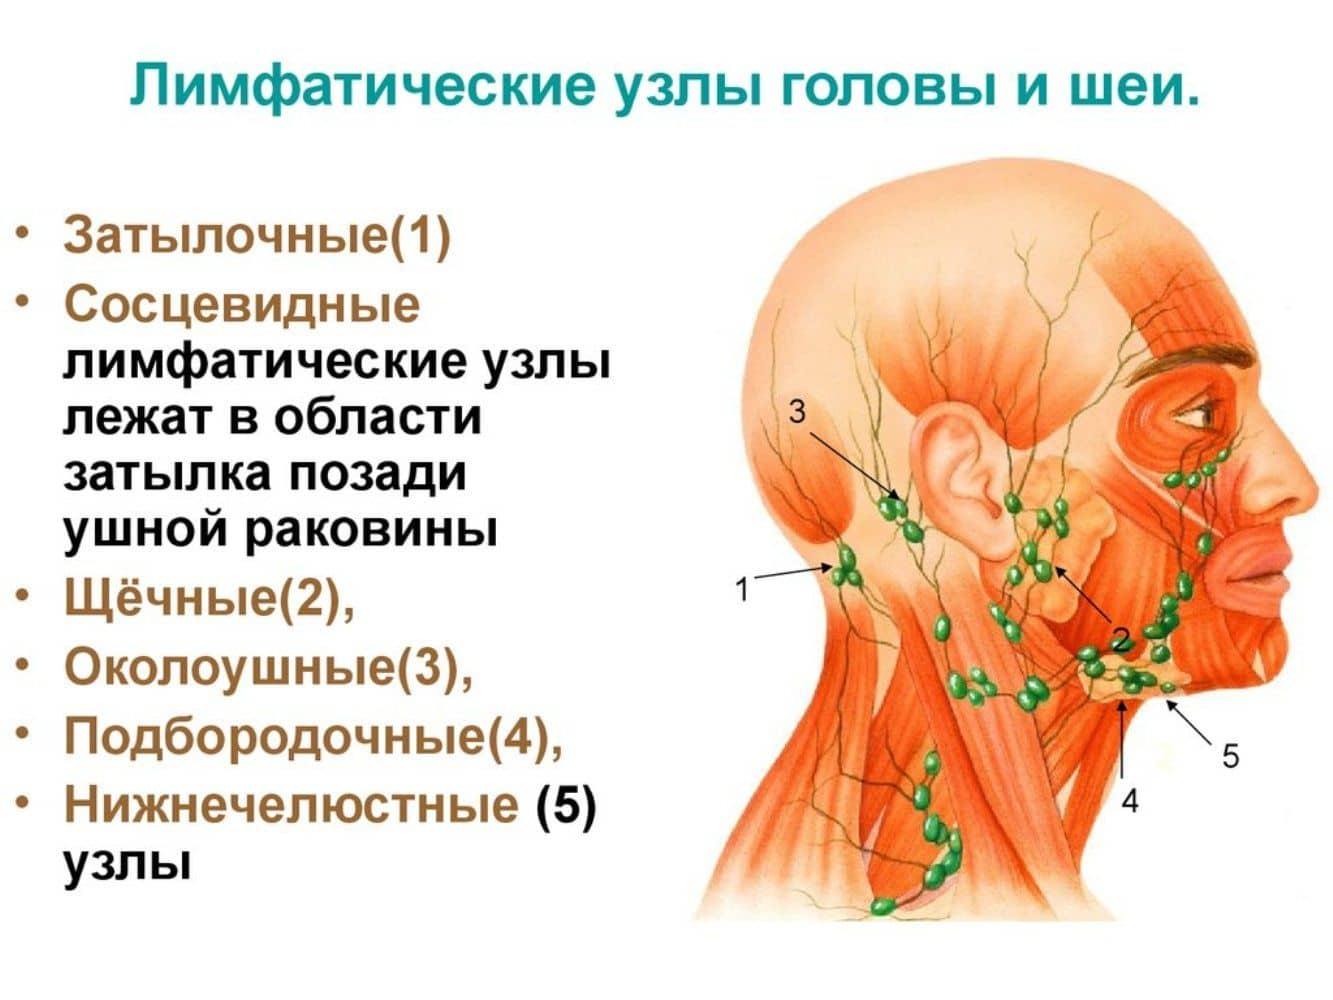 лімфатичні вузли голови і шиї схема